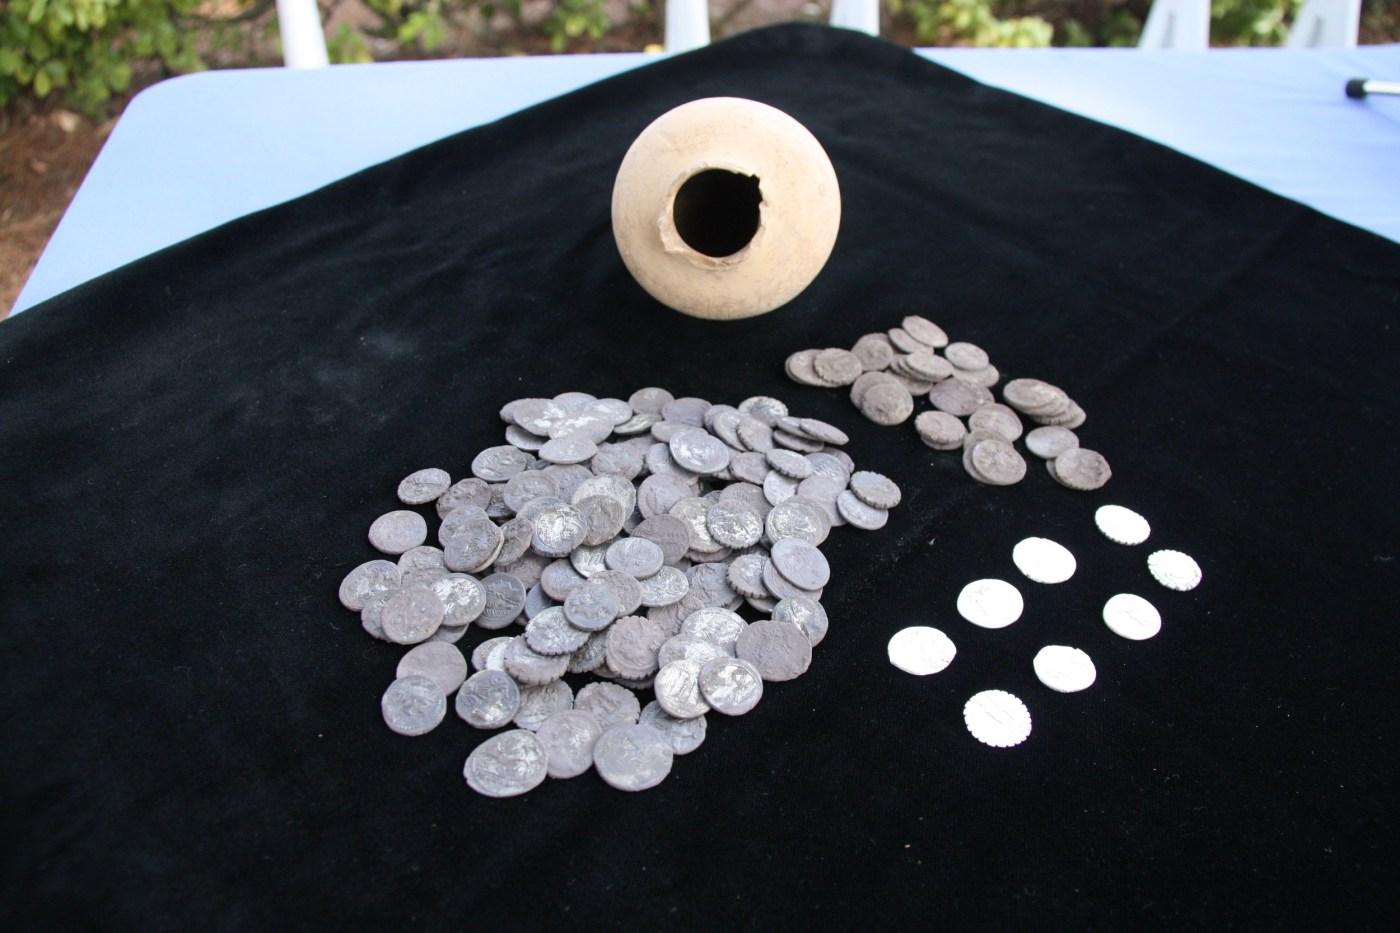 Els 200 denaris de plata descoberts al jaciment d'Empúries aquest 21 de juliol del 2016 (Horitzontal).